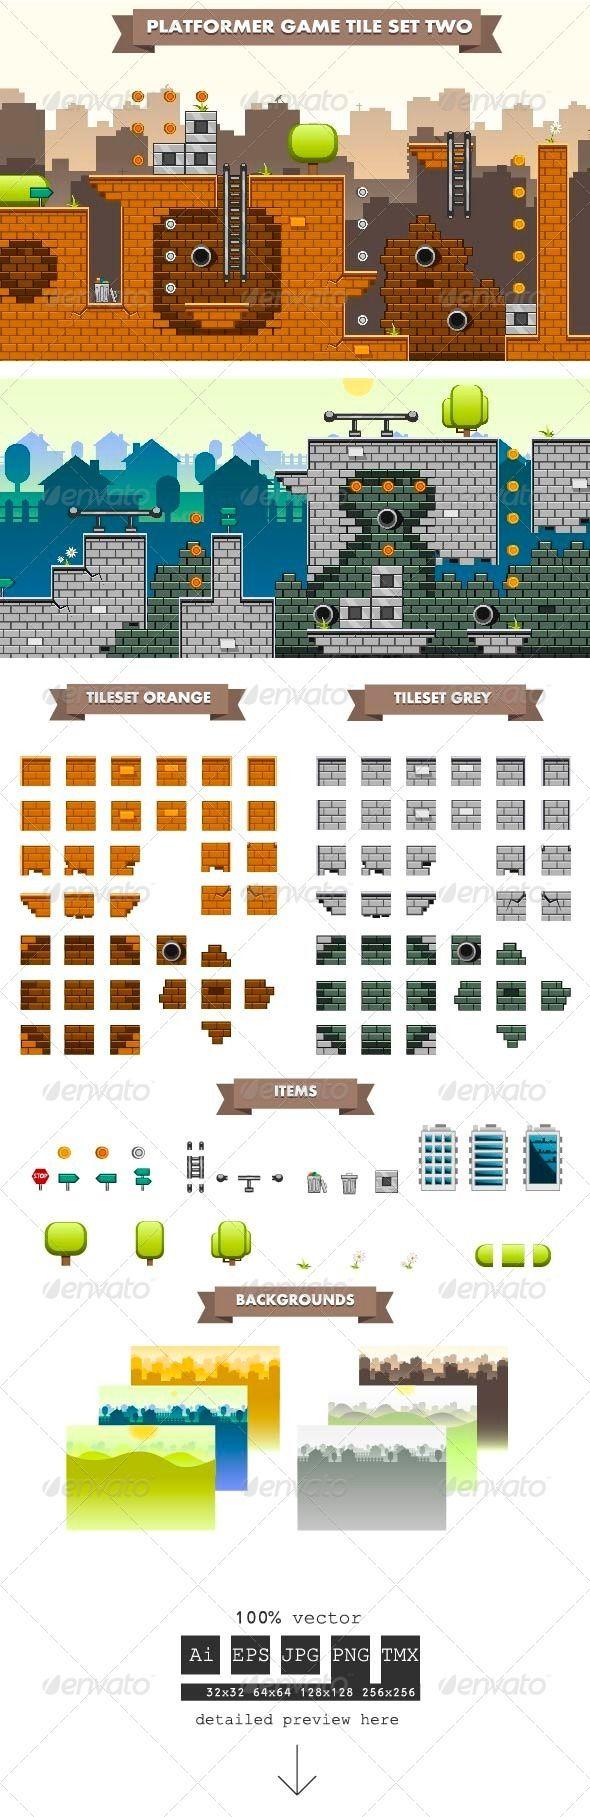 Platformer+Game+Tile+Set+Two